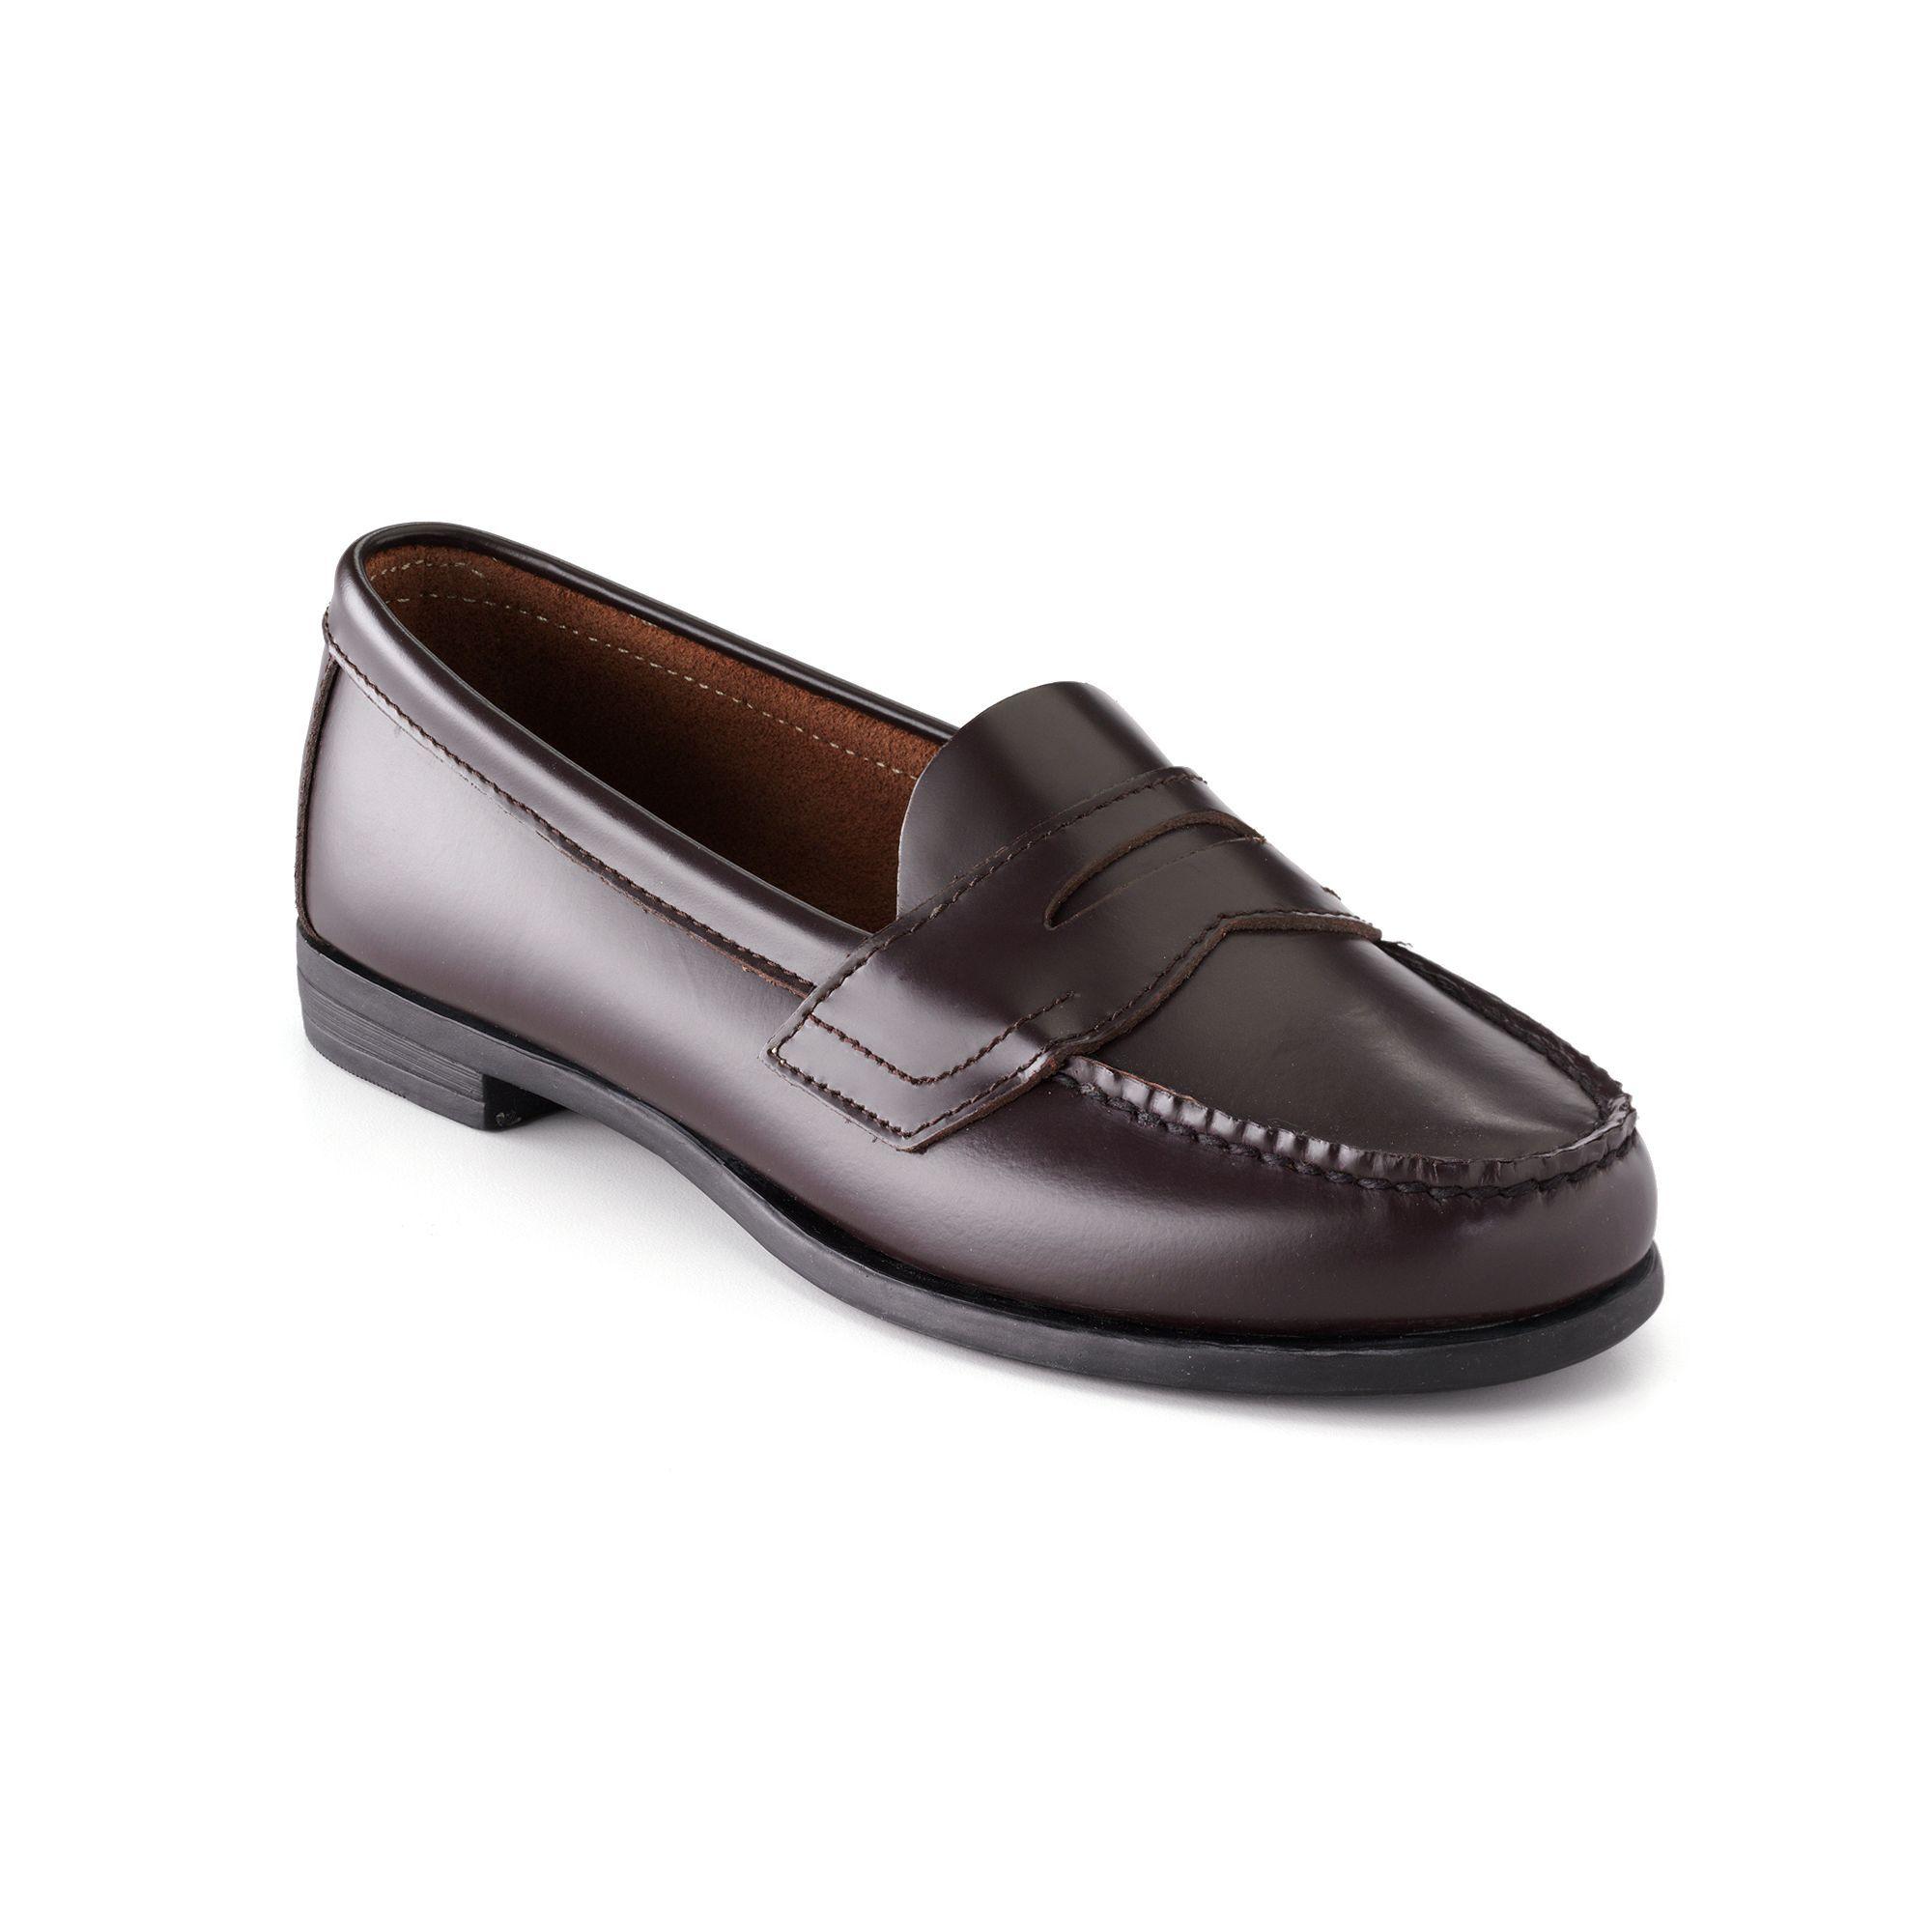 16402d4422d Eastland Classic II Women s Penny Loafers